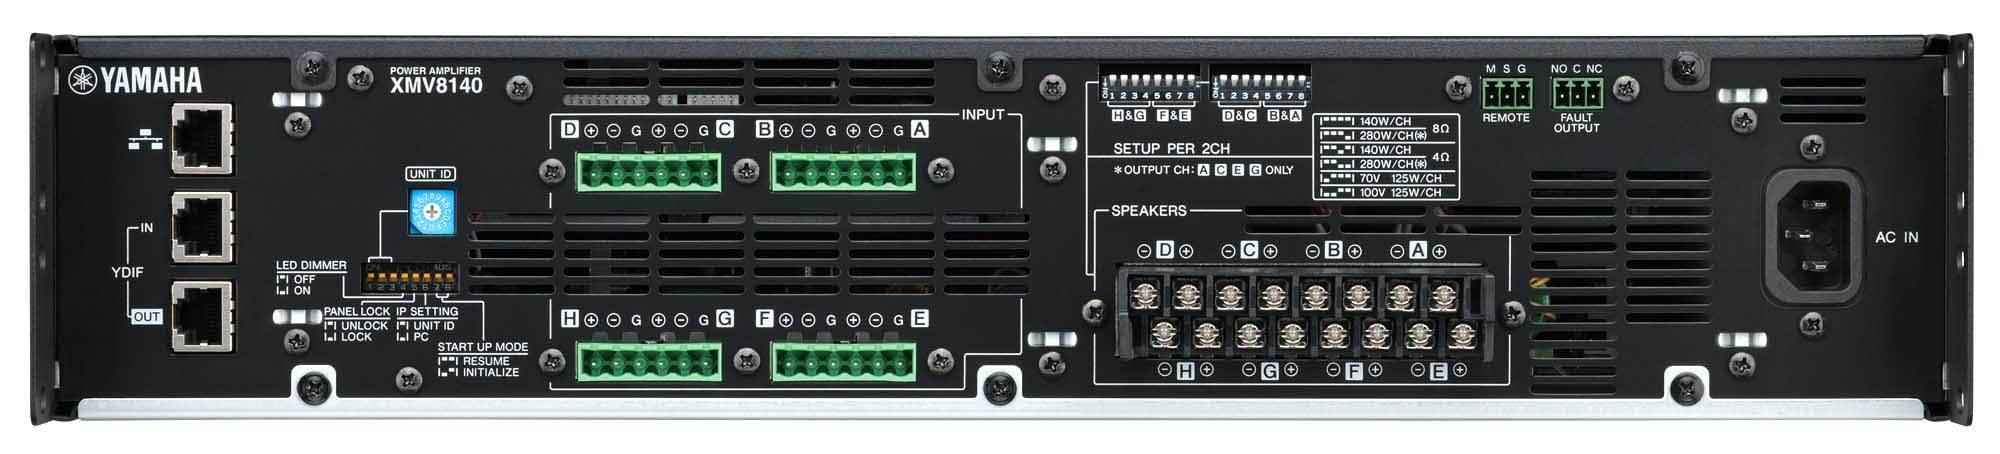 نمای پشت و ورودی و خروجی های پاور آمپلی فایر های 8 کانال آنالوگ YAMAHA ( یاماها ) مدل های XMV8140,XMV8280